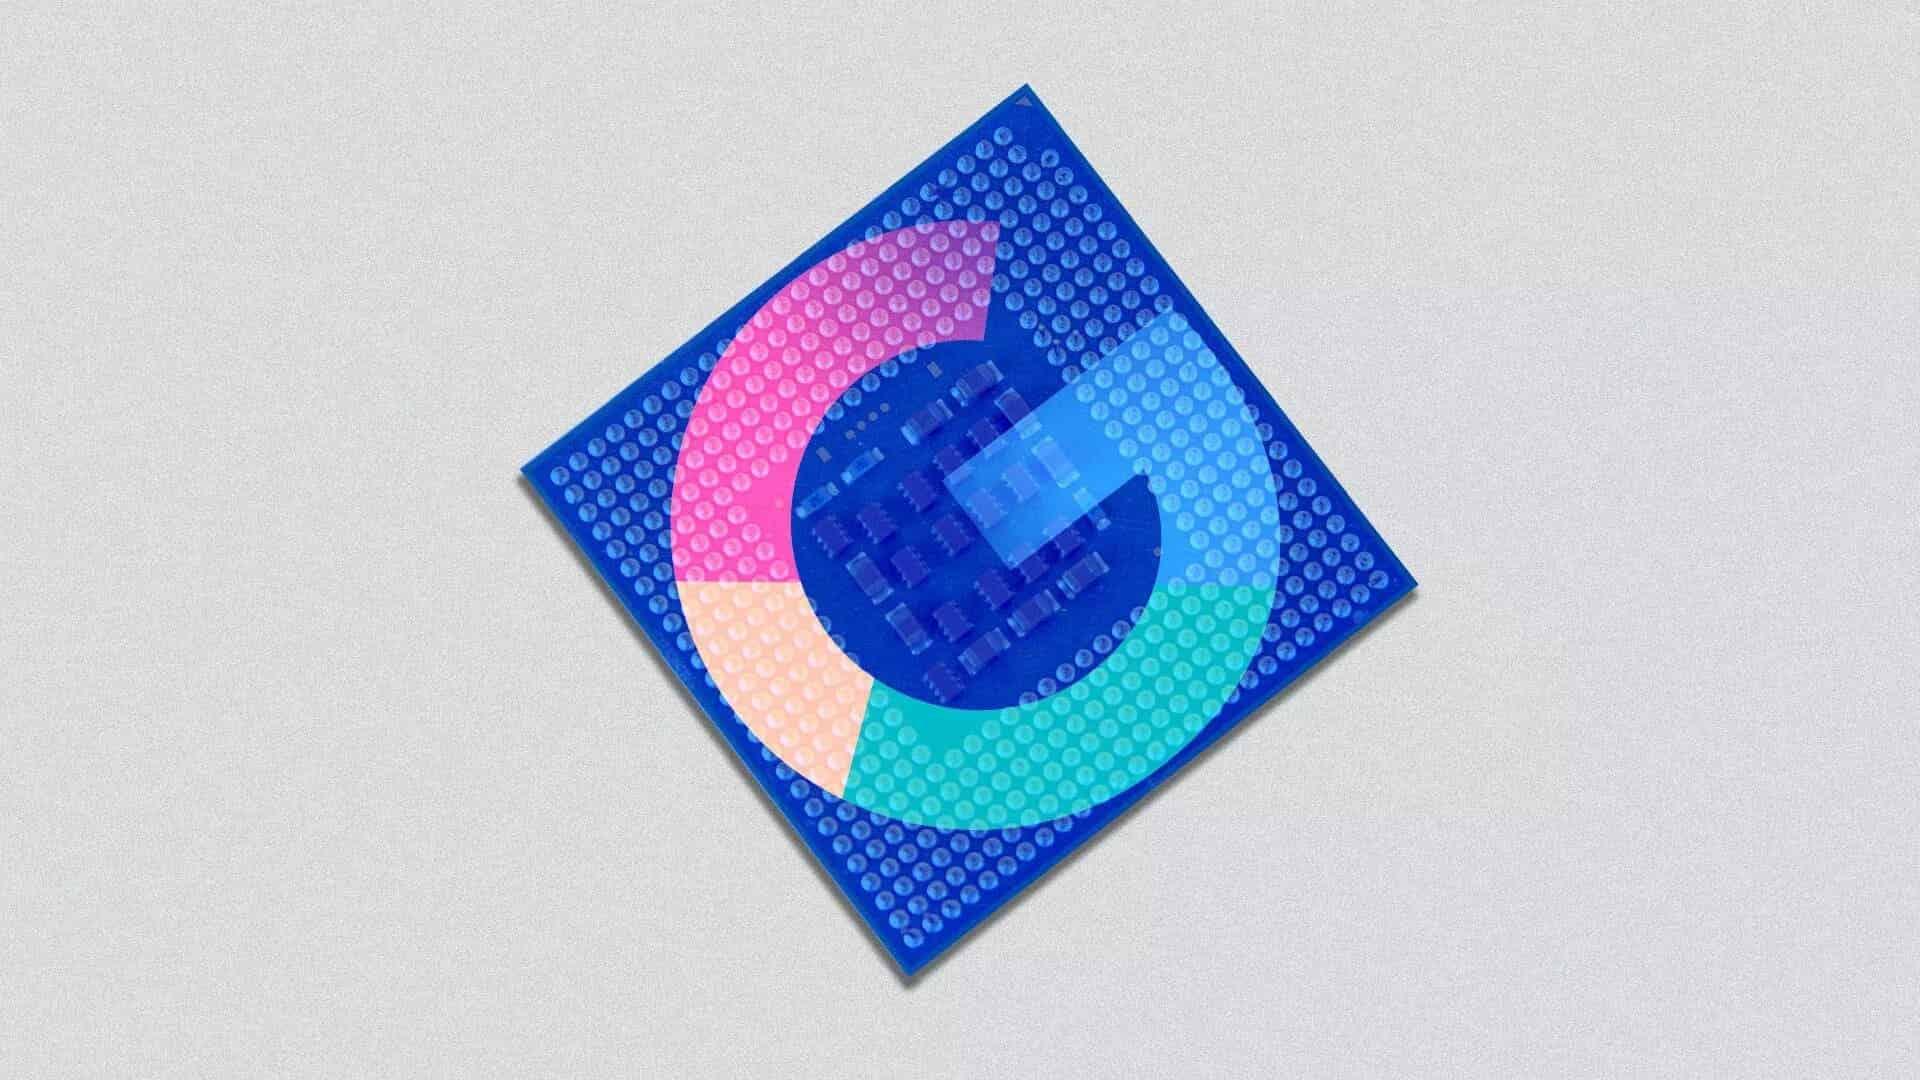 desarrollo-procesadores-Google